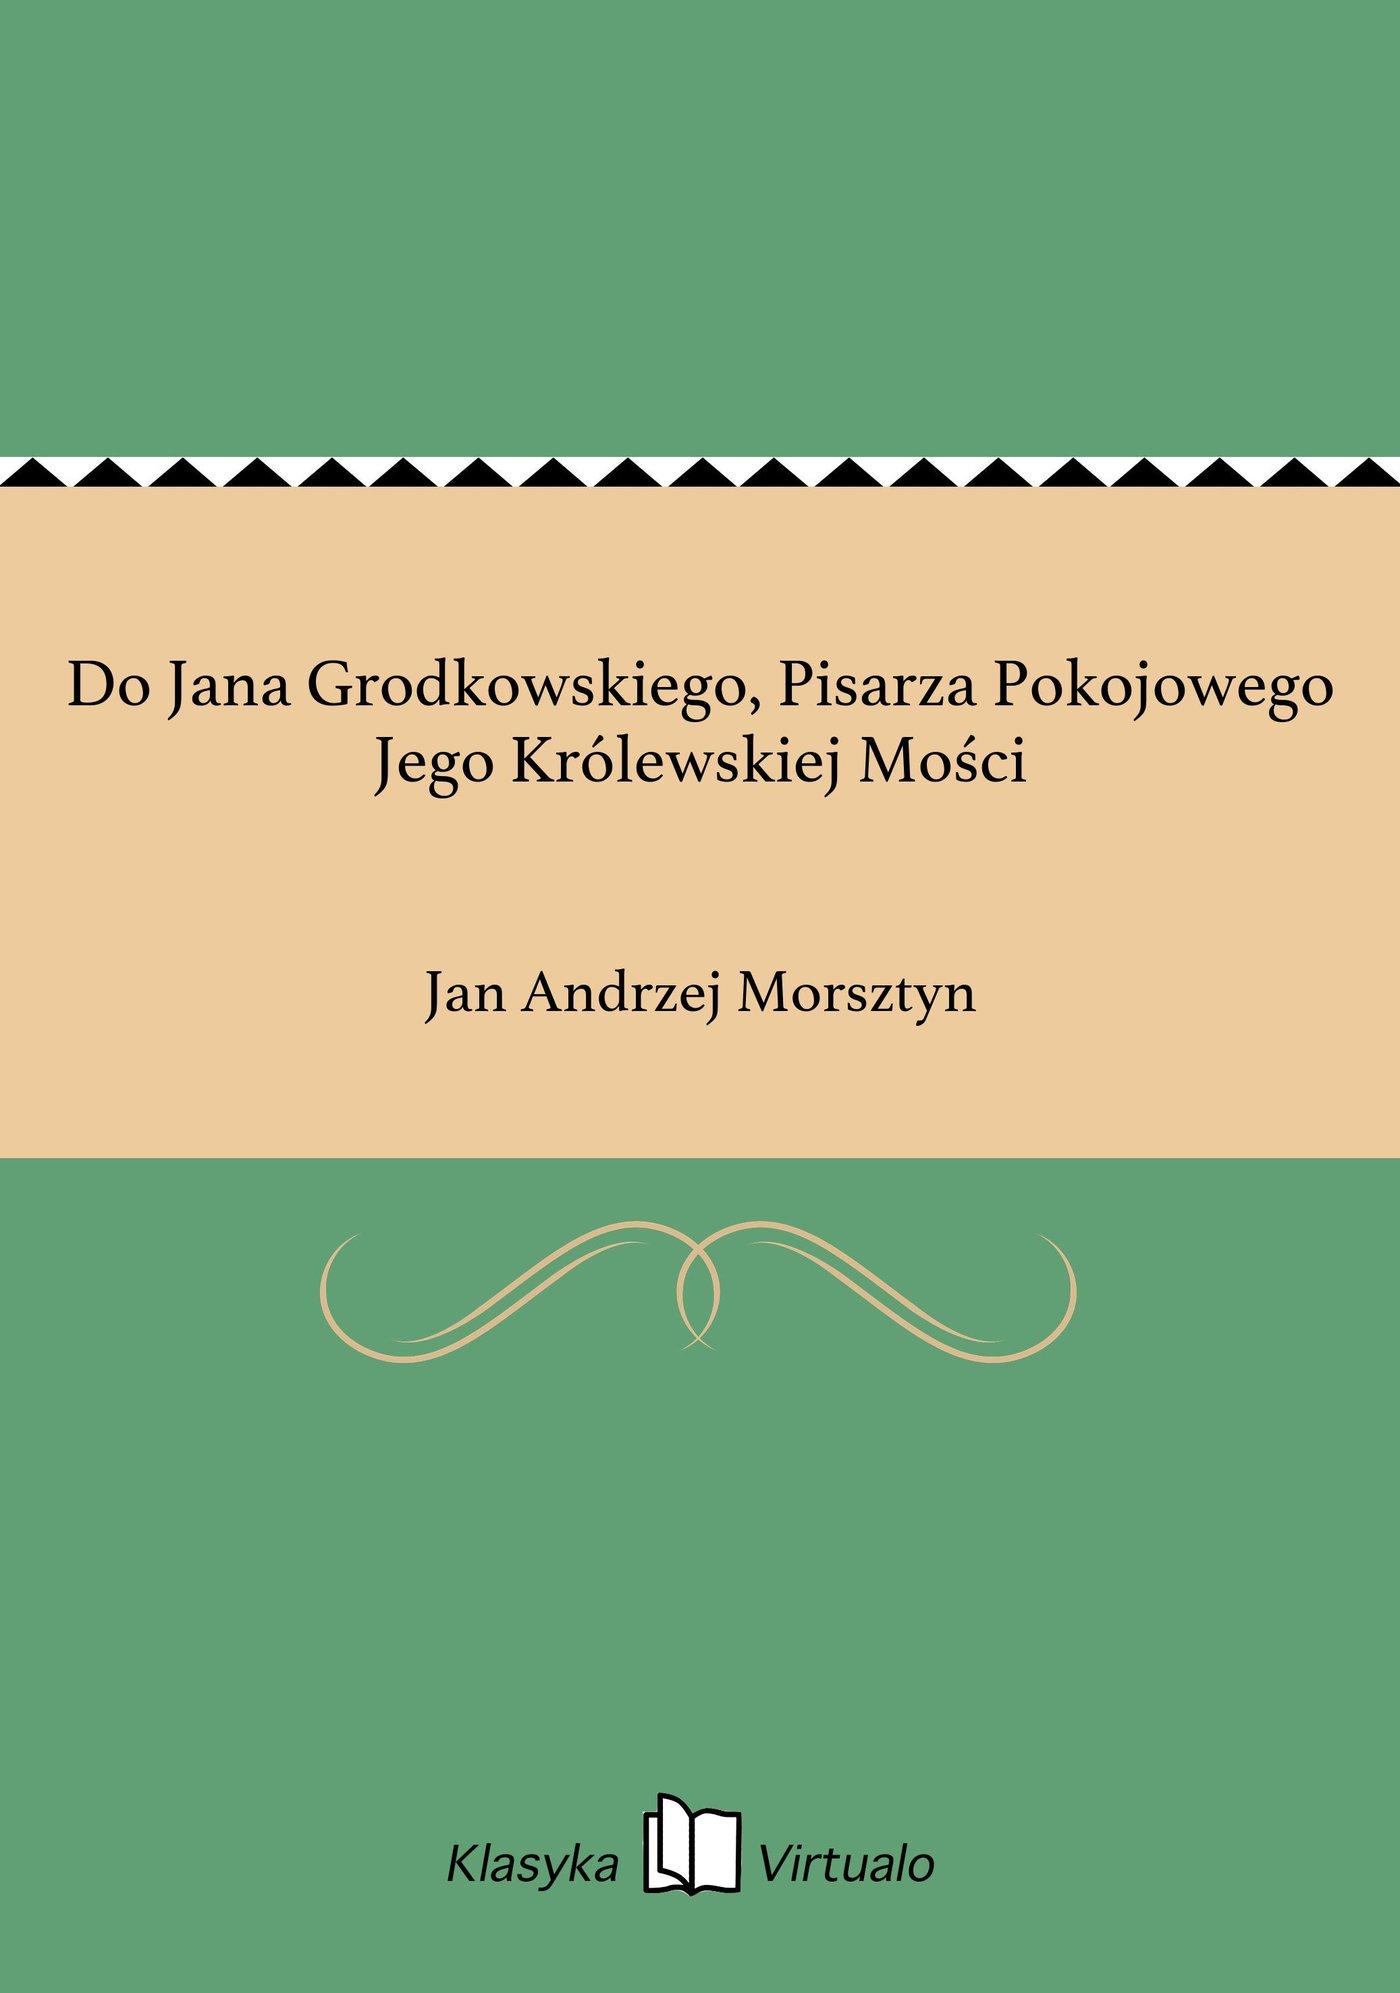 Do Jana Grodkowskiego, Pisarza Pokojowego Jego Królewskiej Mości - Ebook (Książka EPUB) do pobrania w formacie EPUB